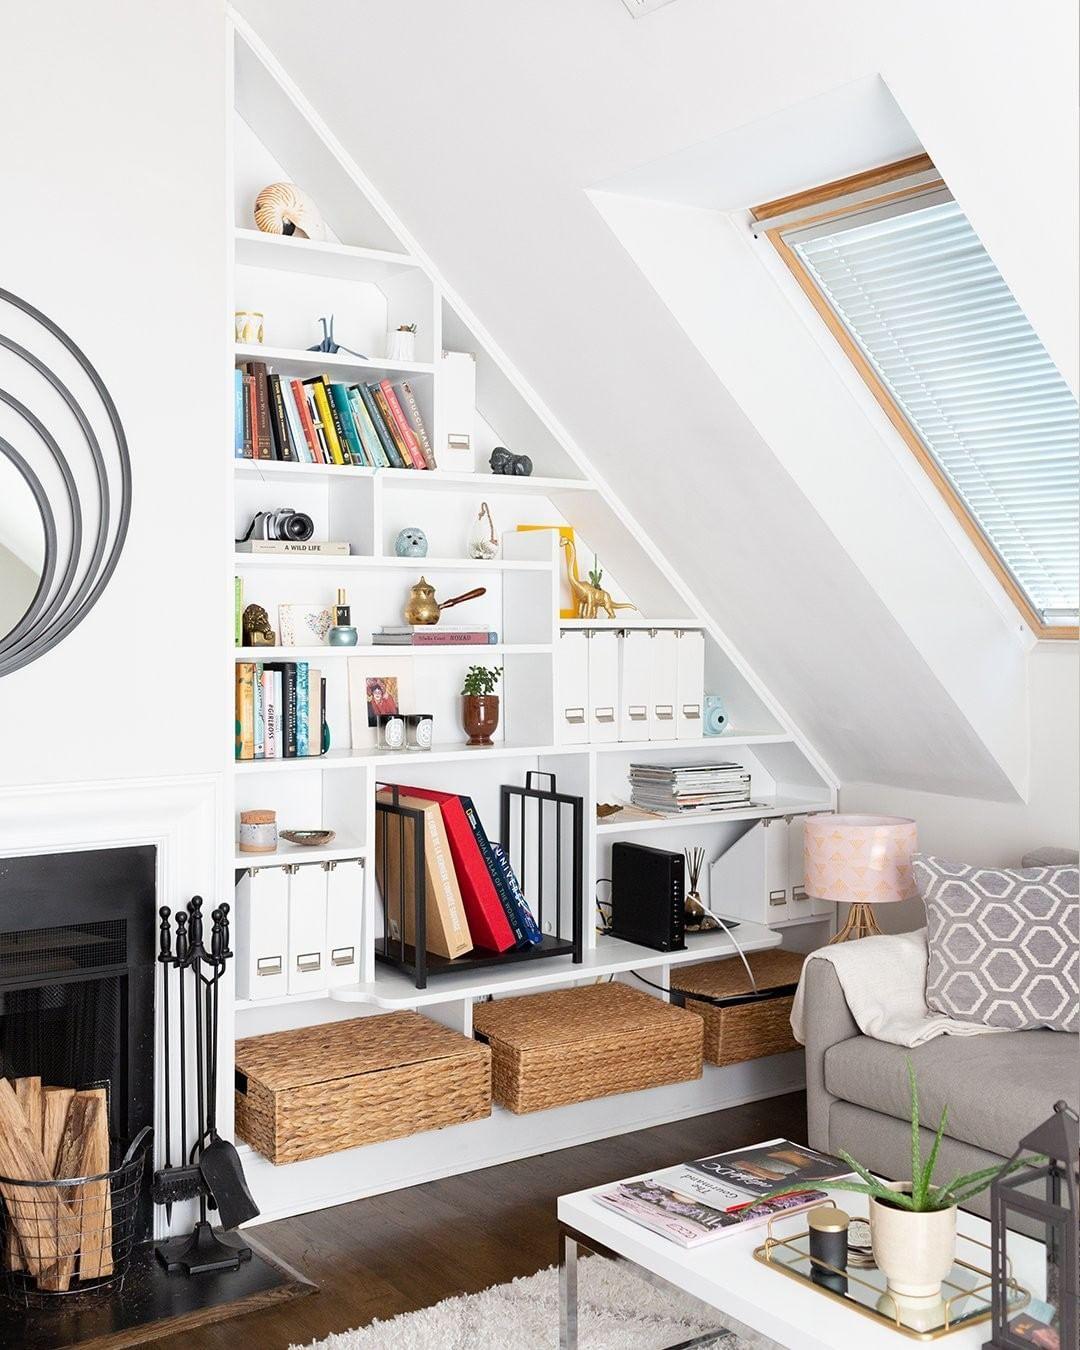 Shelves For The Attic Dachschräge Einrichten Räume Mit Dachschrägen Zimmer Mit Dachschräge Einrichten